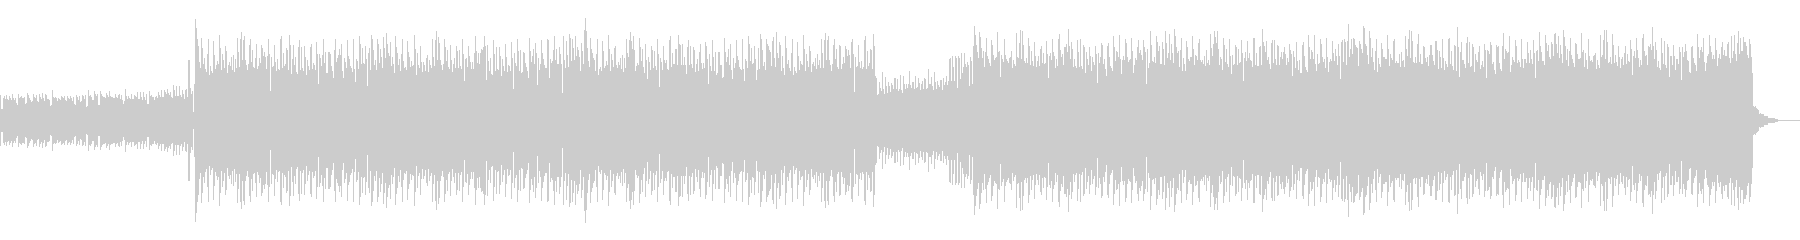 CMや映像に ポップなギターロックの未再生の波形